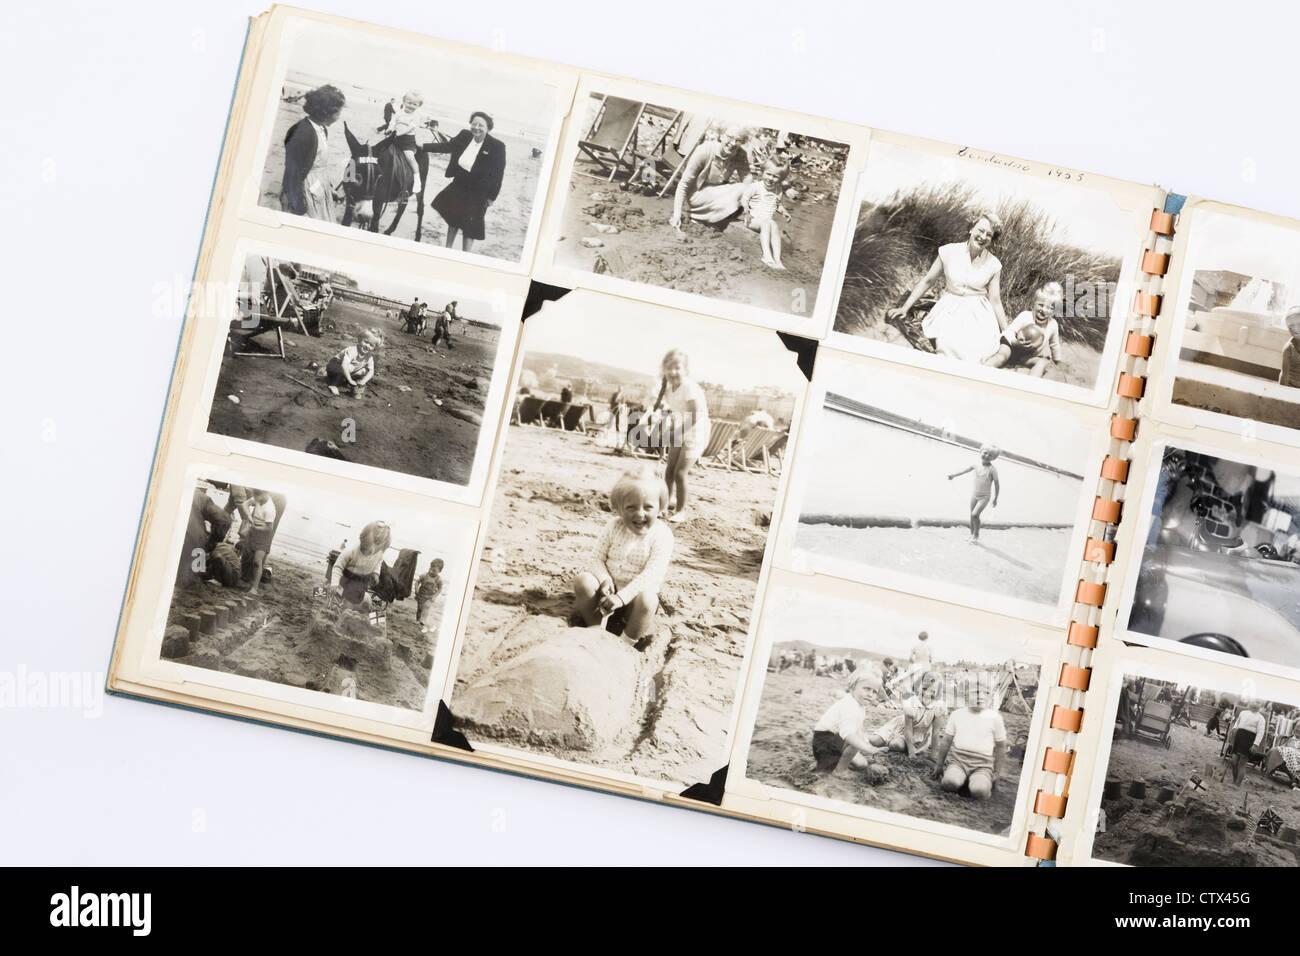 S'est évanoui ancienne noir et blanc photographies imprimées dans un album photo photo de famille Photo Stock